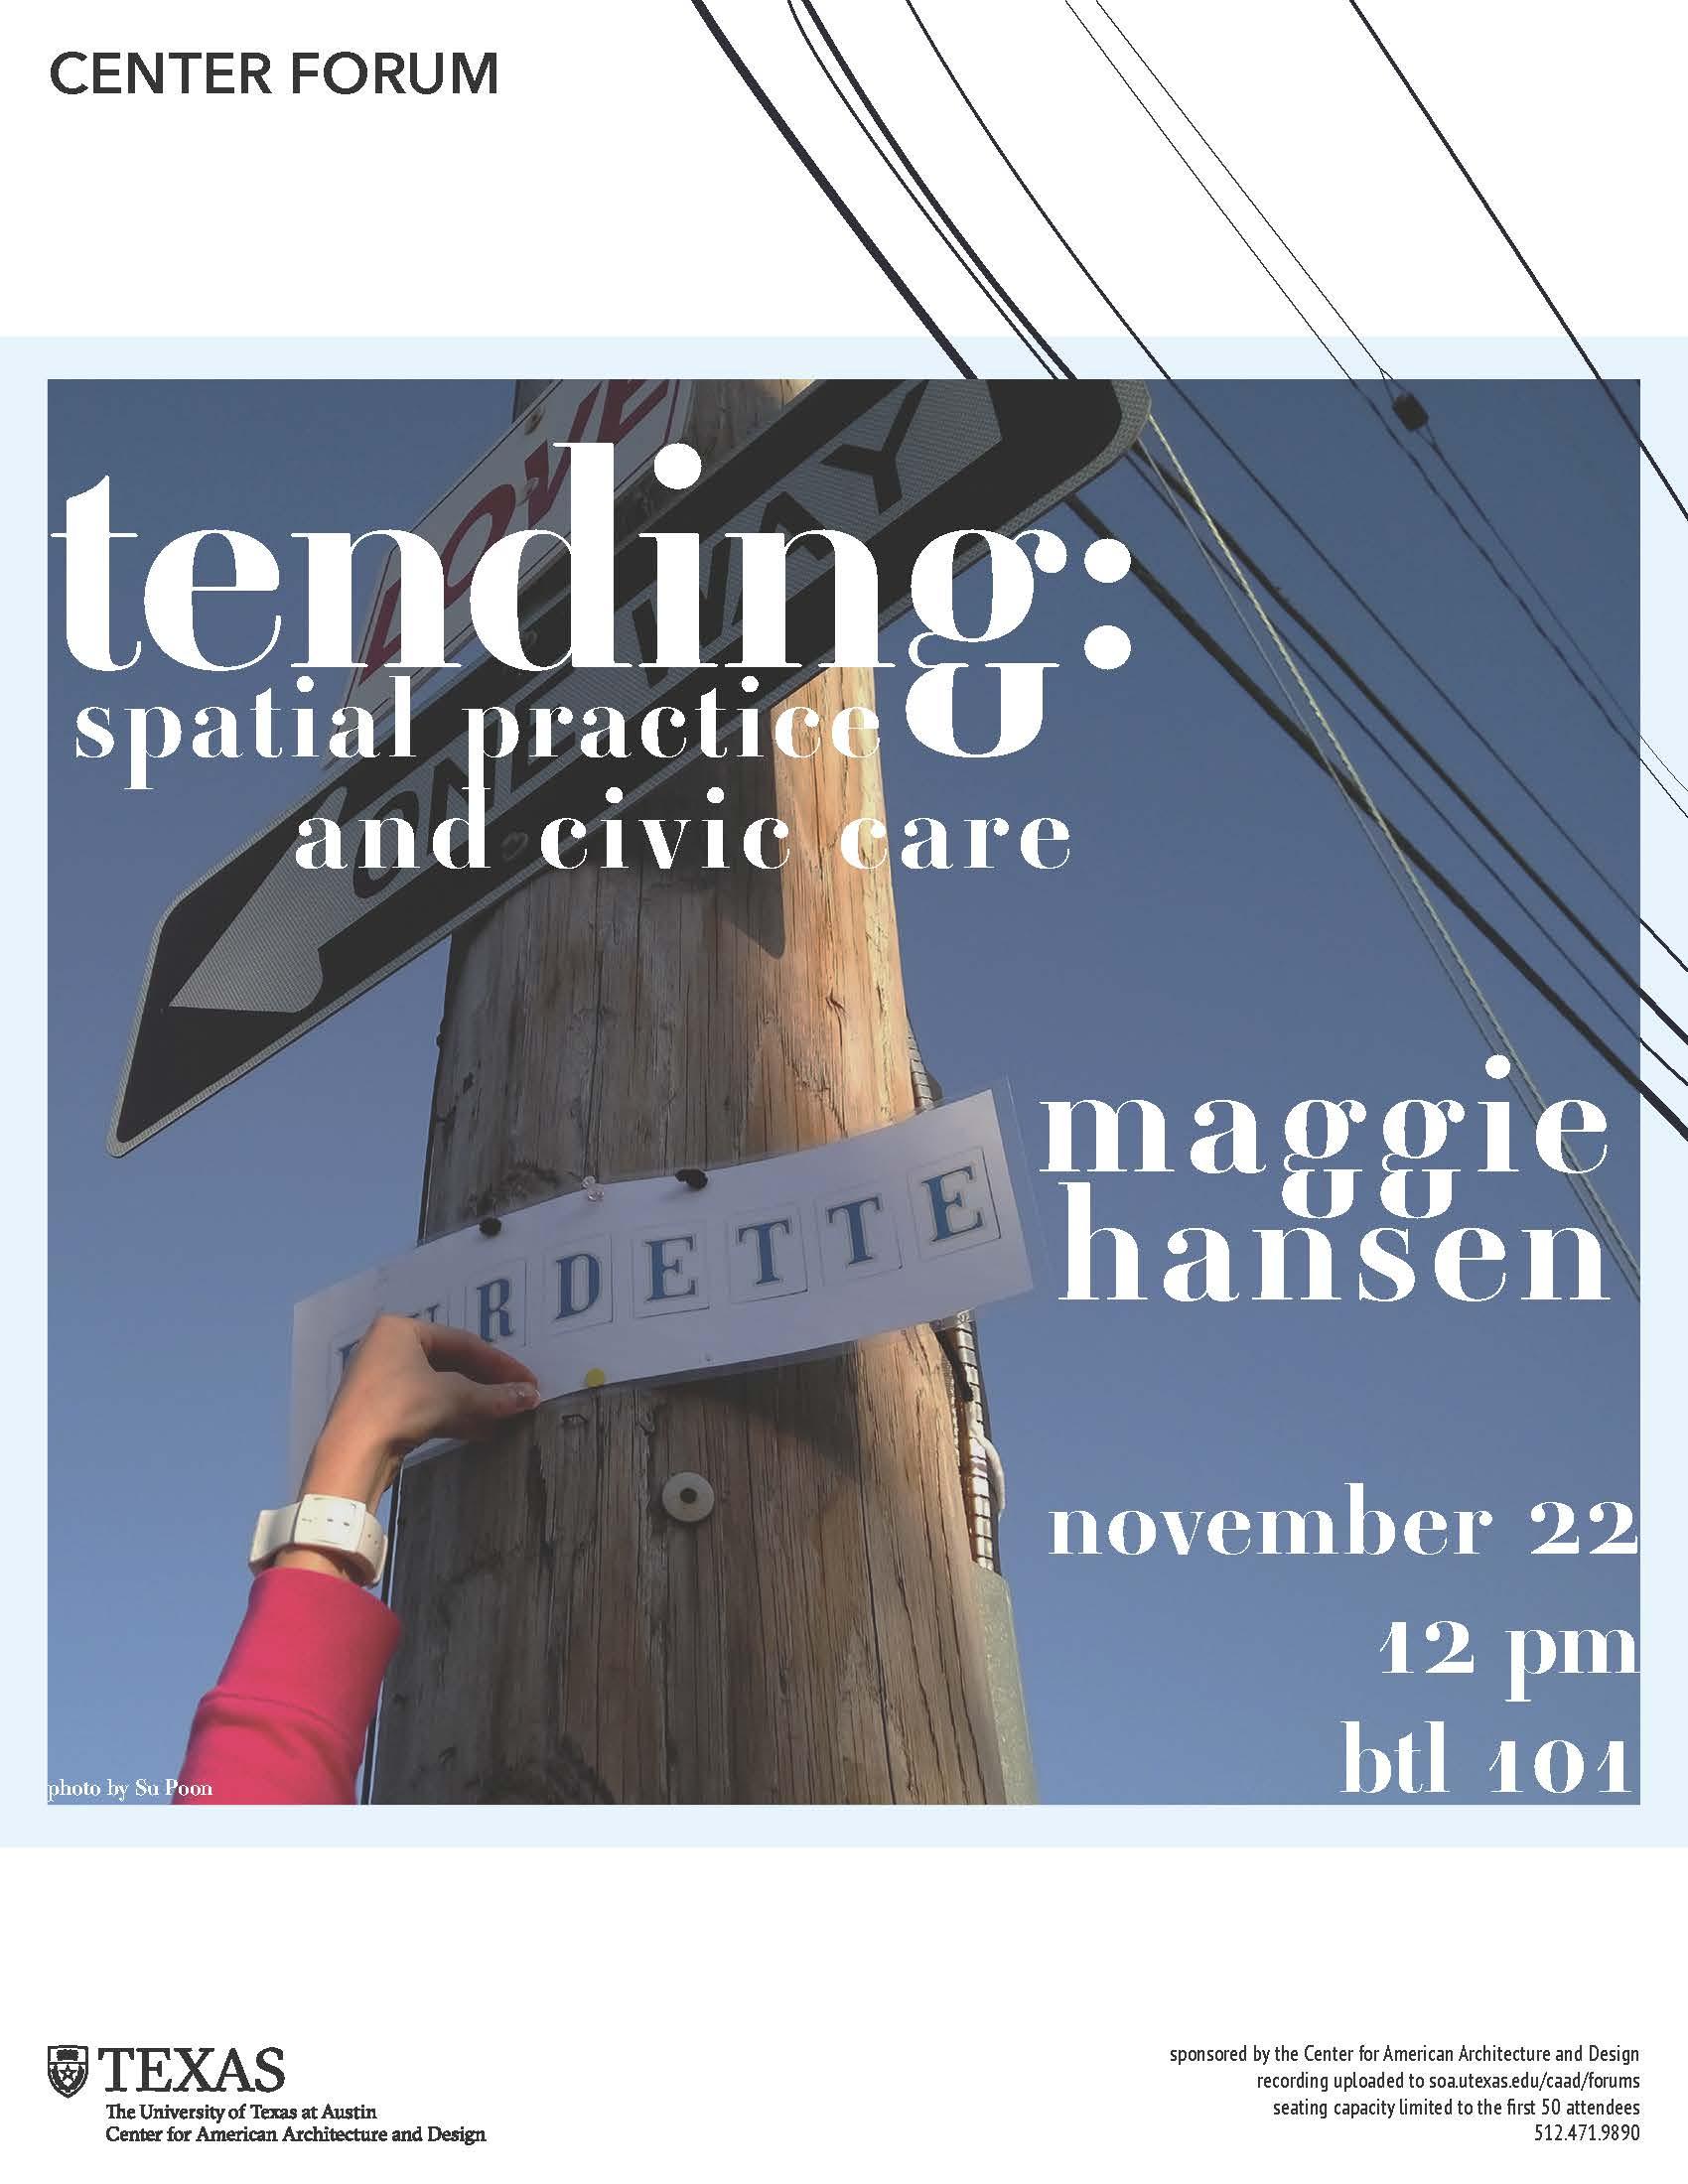 Maggie Hansen